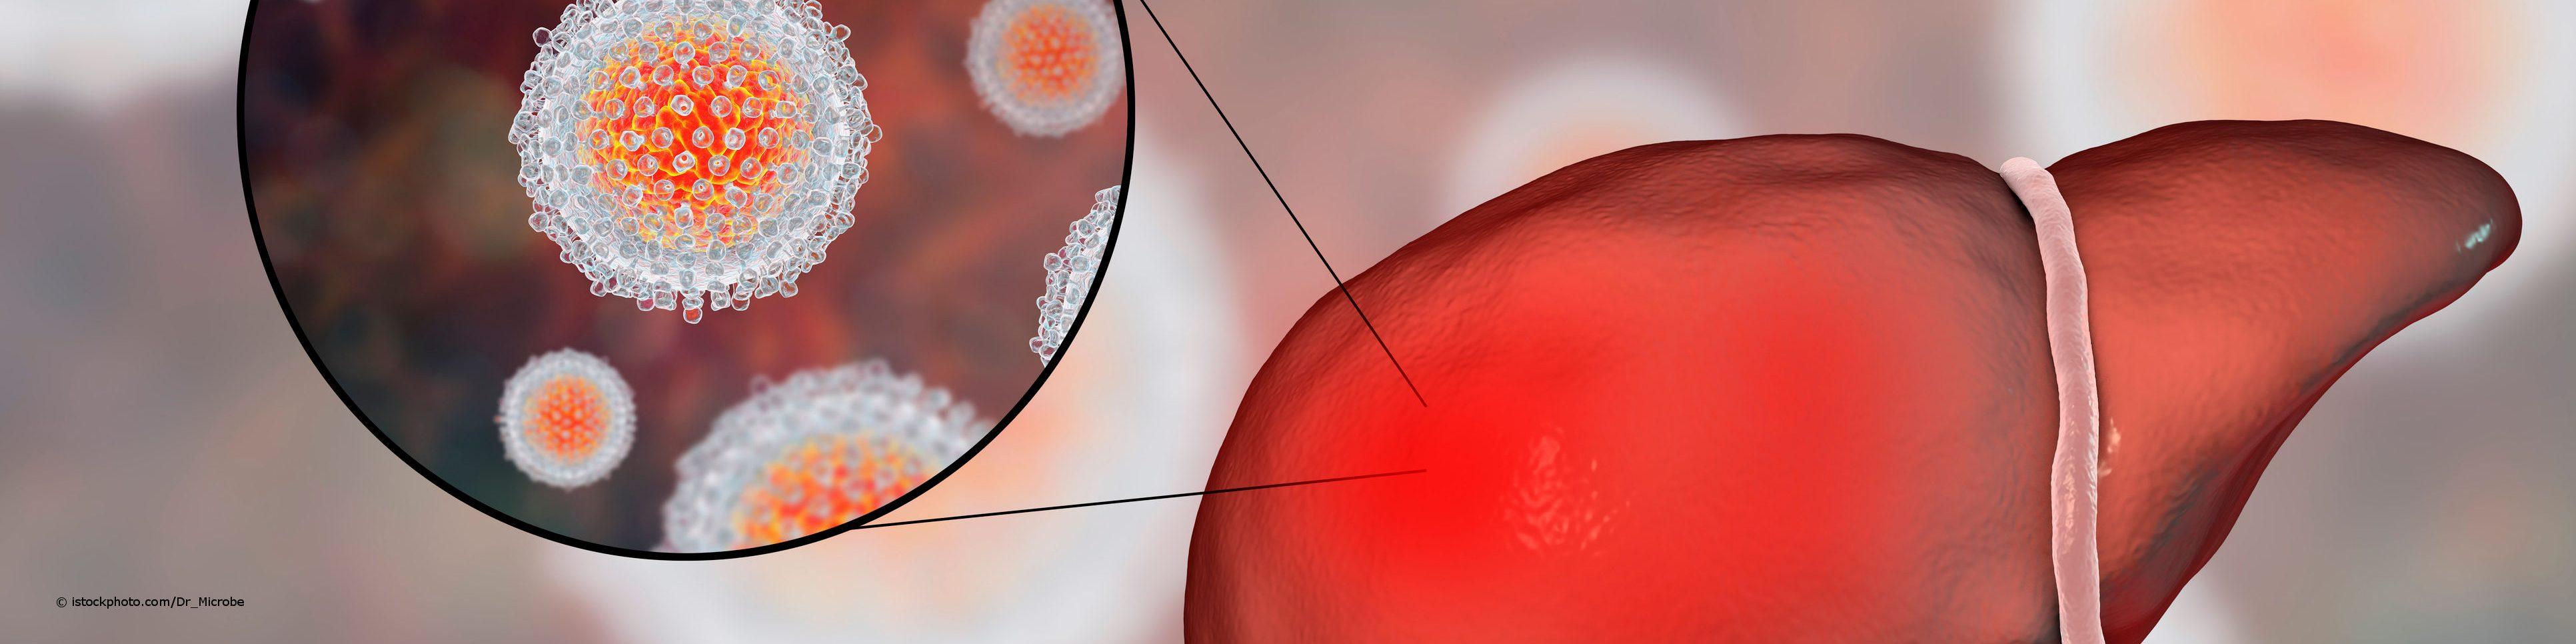 Das Hepatitis A-Virus kann die Leber angreifen und zu einer Leberentzündung führen.